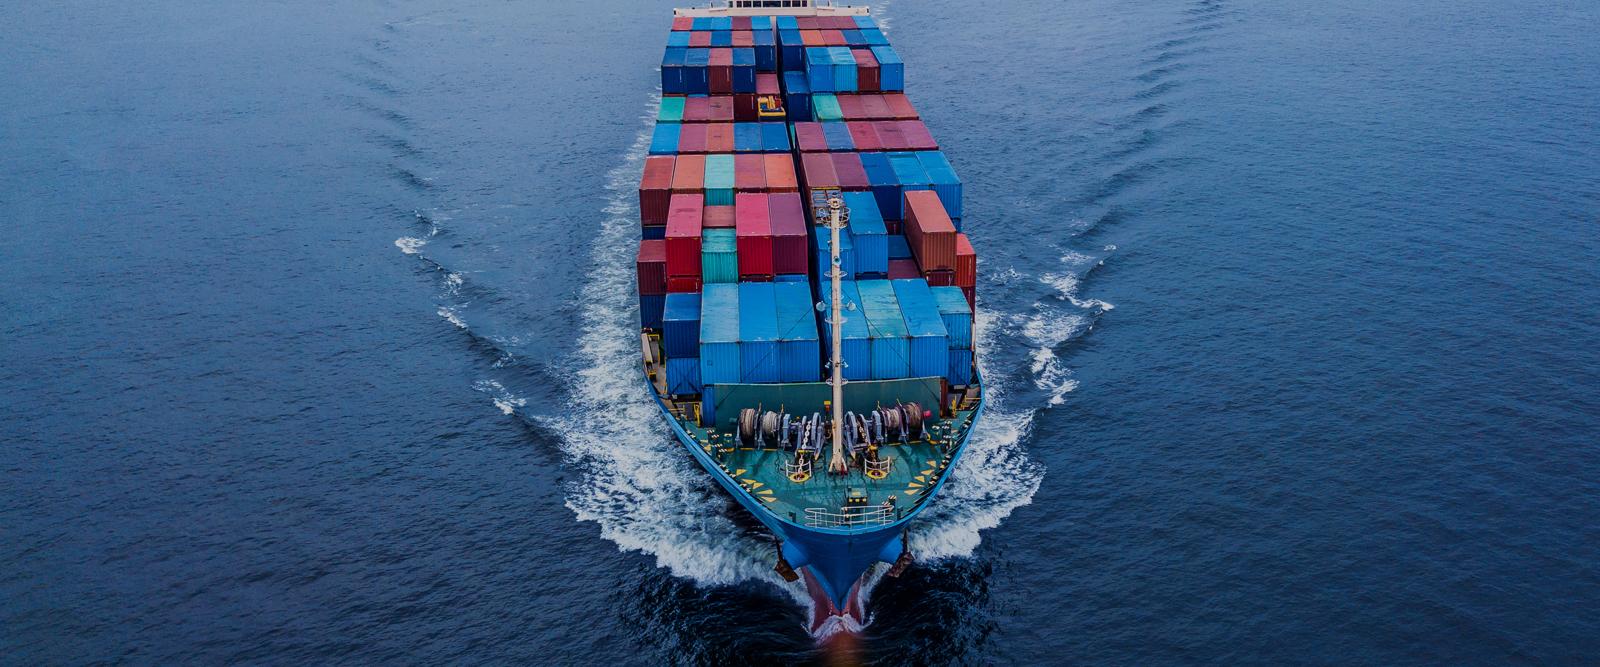 Bateau cargo transportant des contenurs sur l'océan